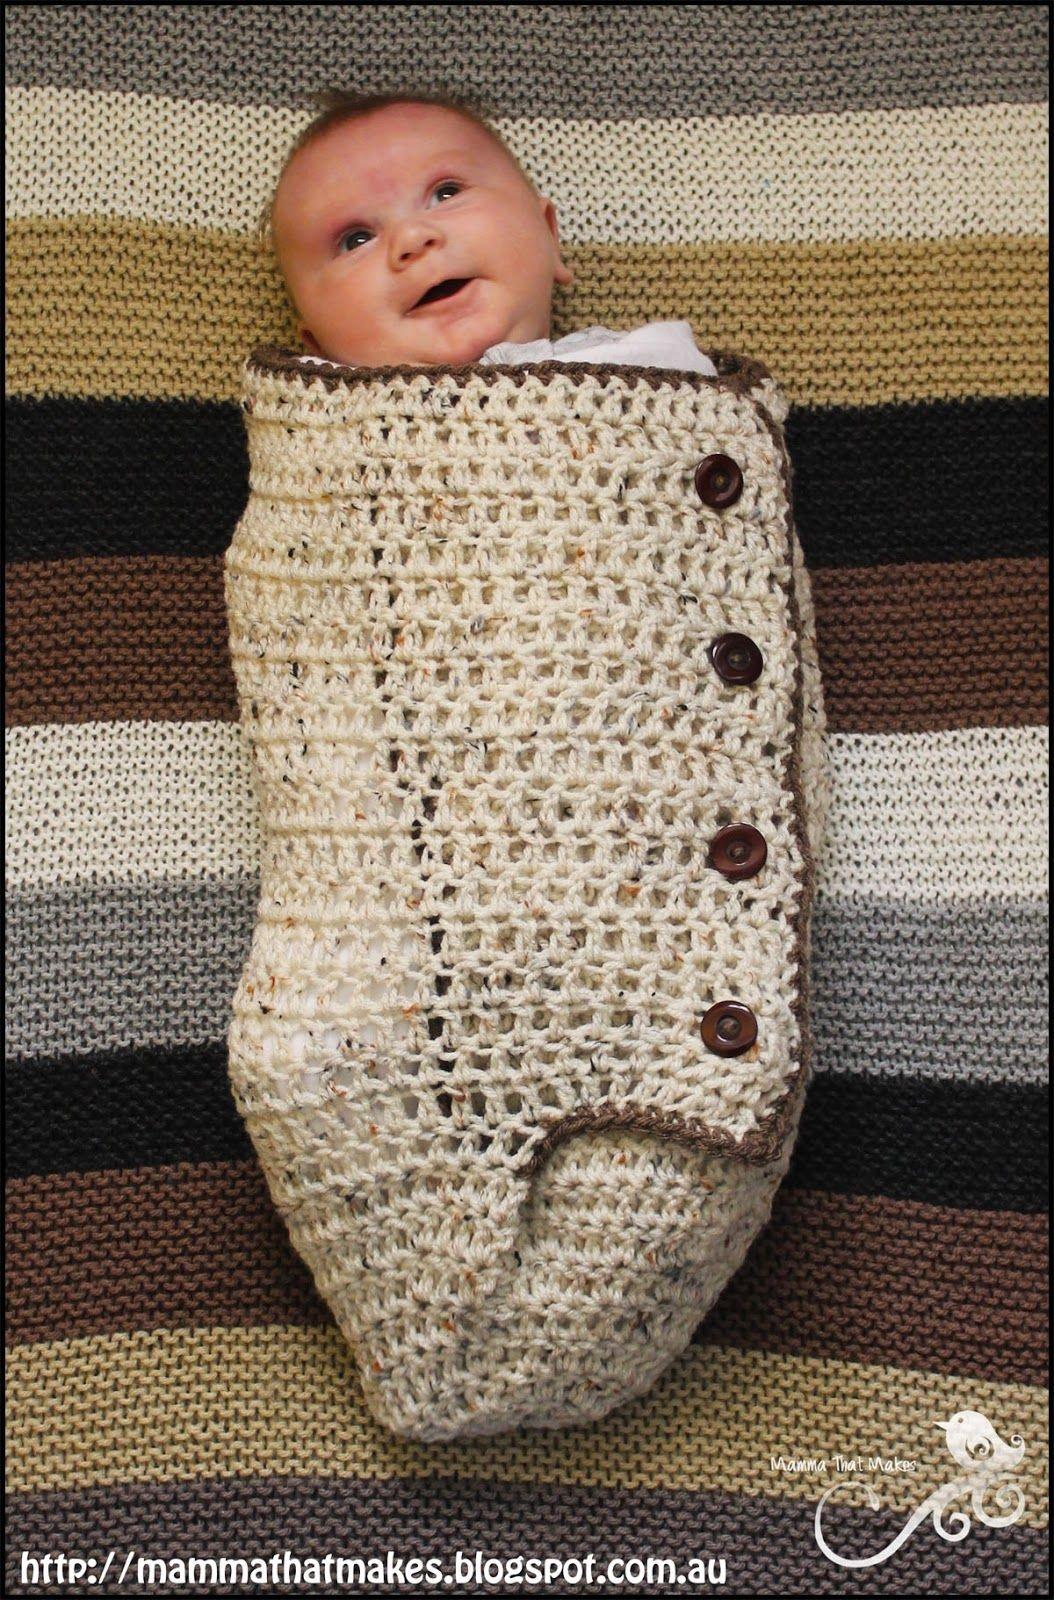 15 Gorgeous Baby Cocoon Patterns   Crochet   Newborn Crochet - Free Printable Crochet Patterns For Baby Cocoons